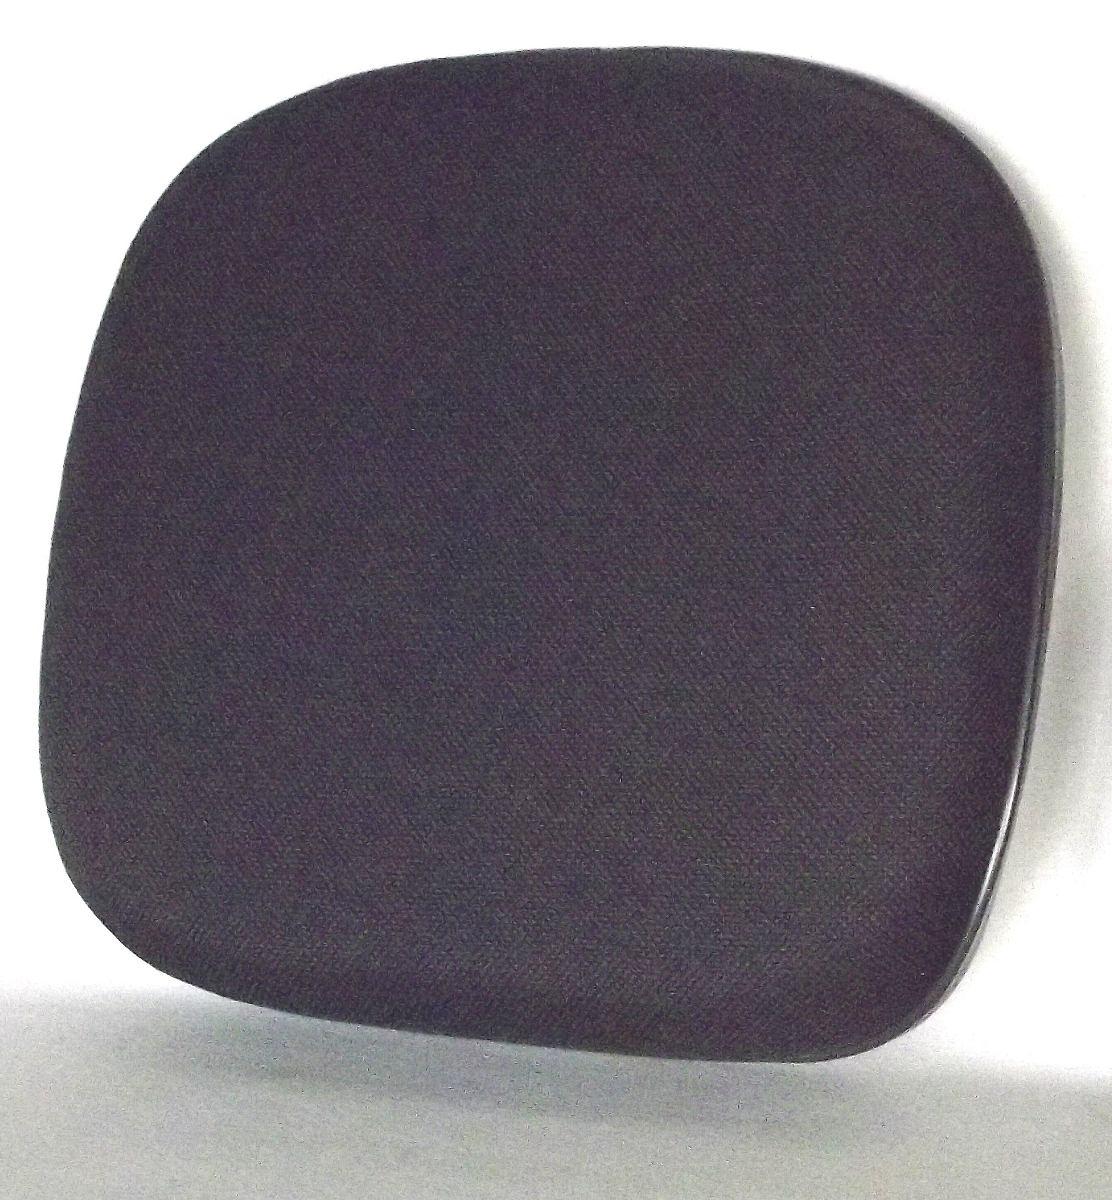 assento cadeira secretária assento cadeira estofada. #453C49 1112x1200